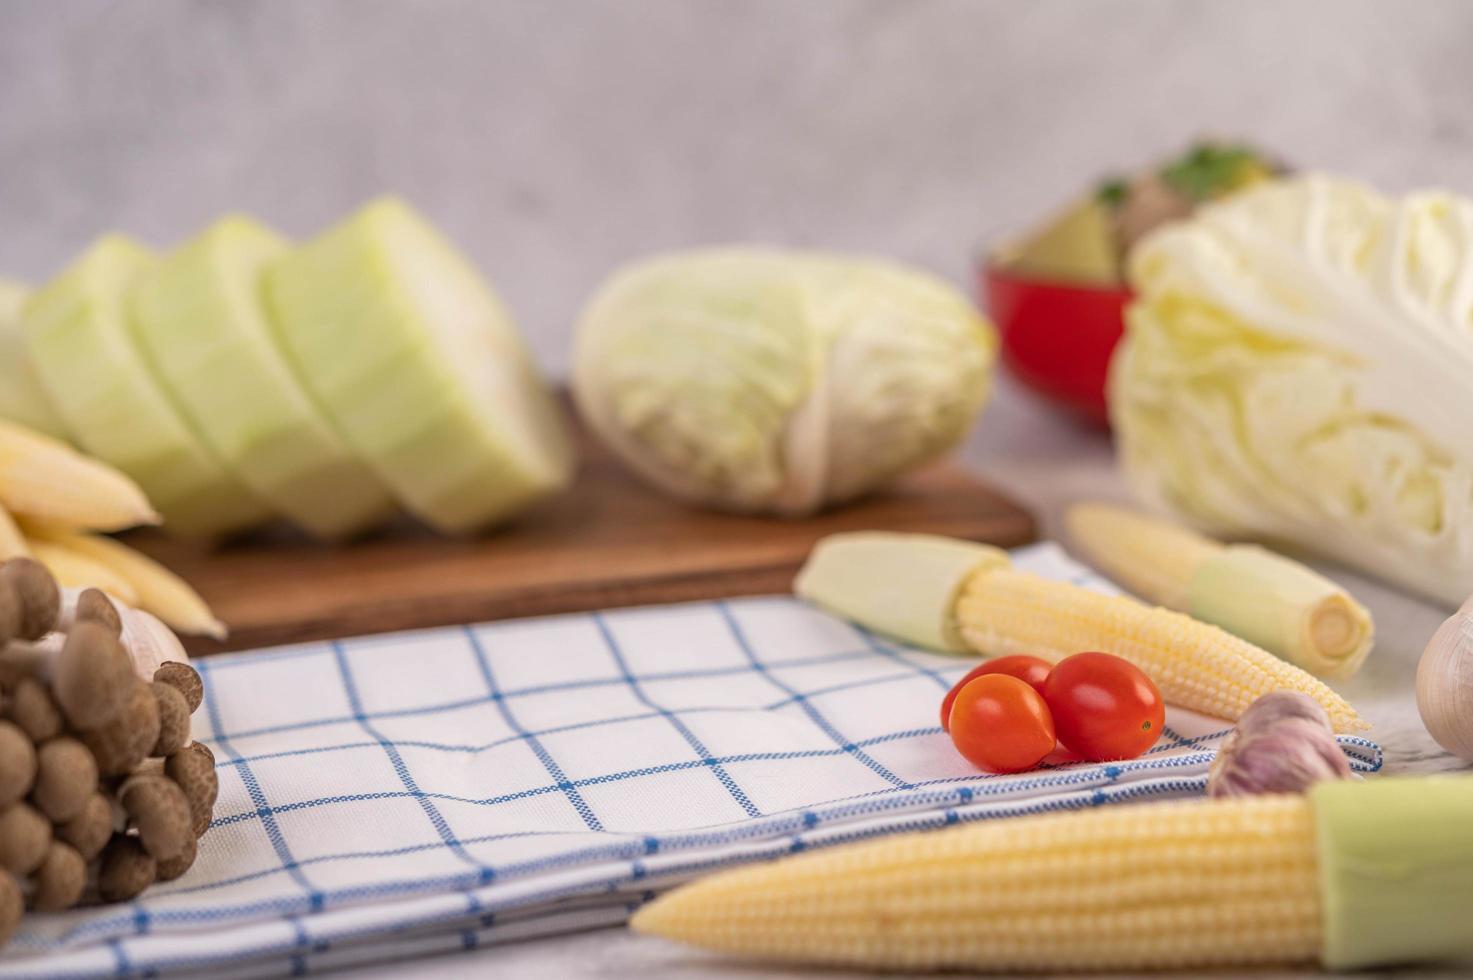 babymaïs, tomaten, kool en champignons foto